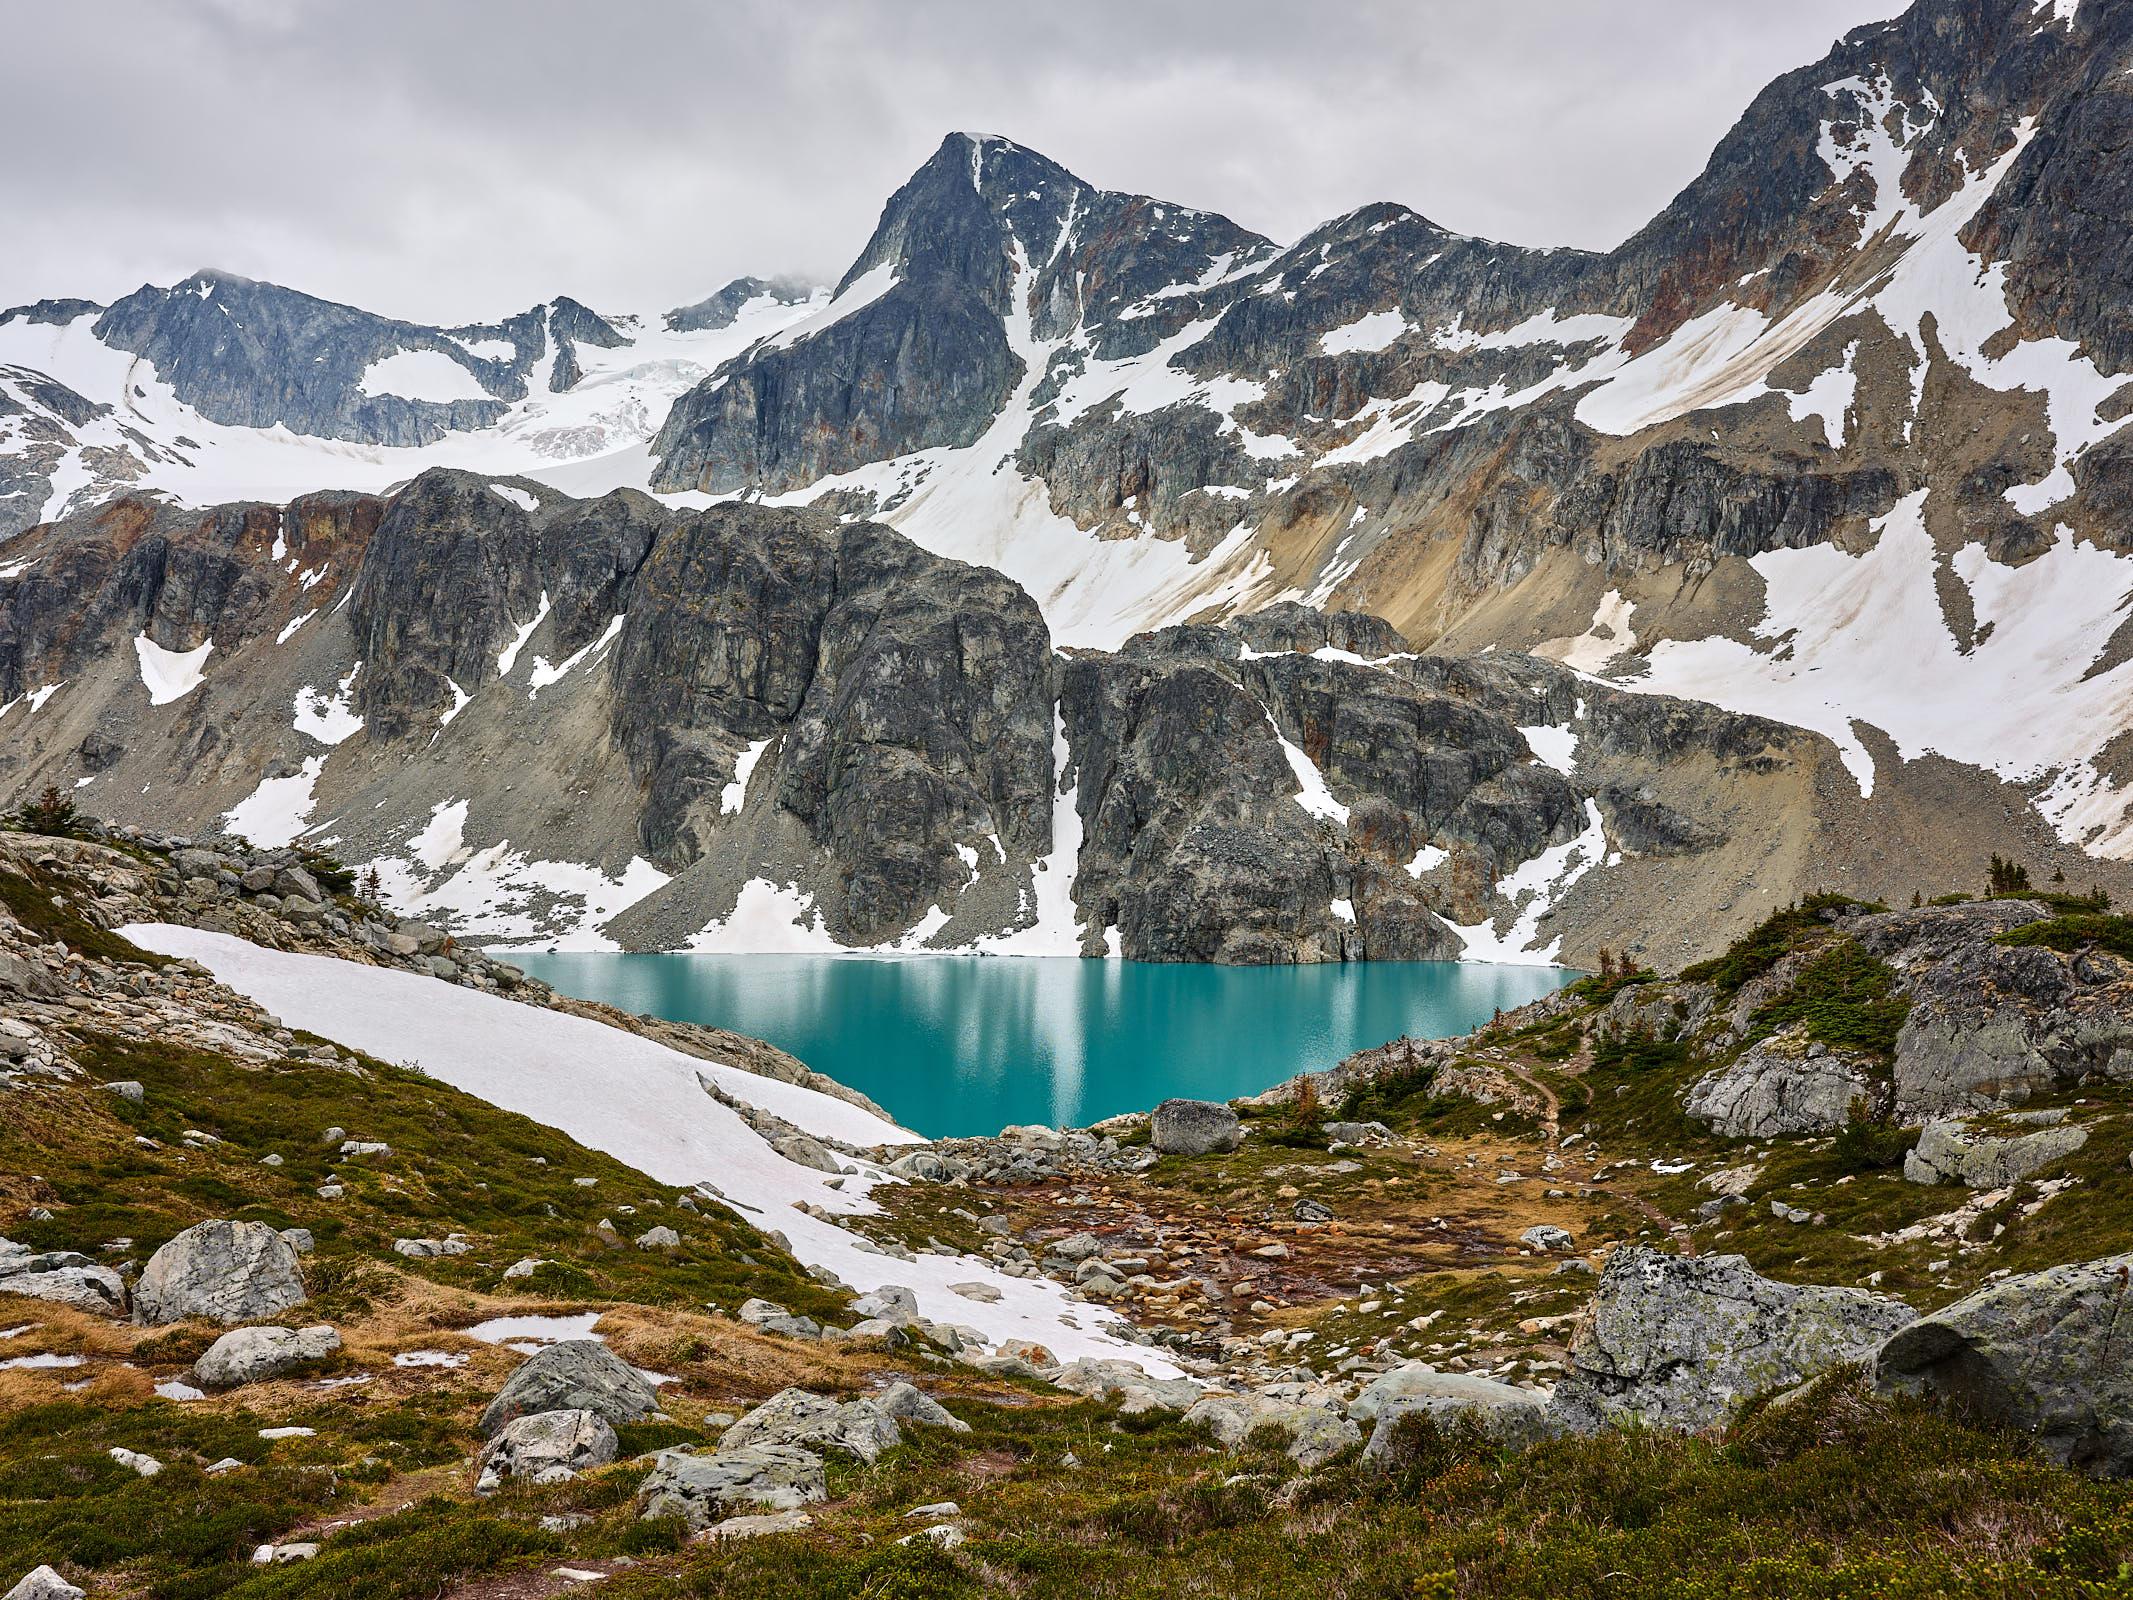 Wedgemount Lake, a glacier lake in Whistler